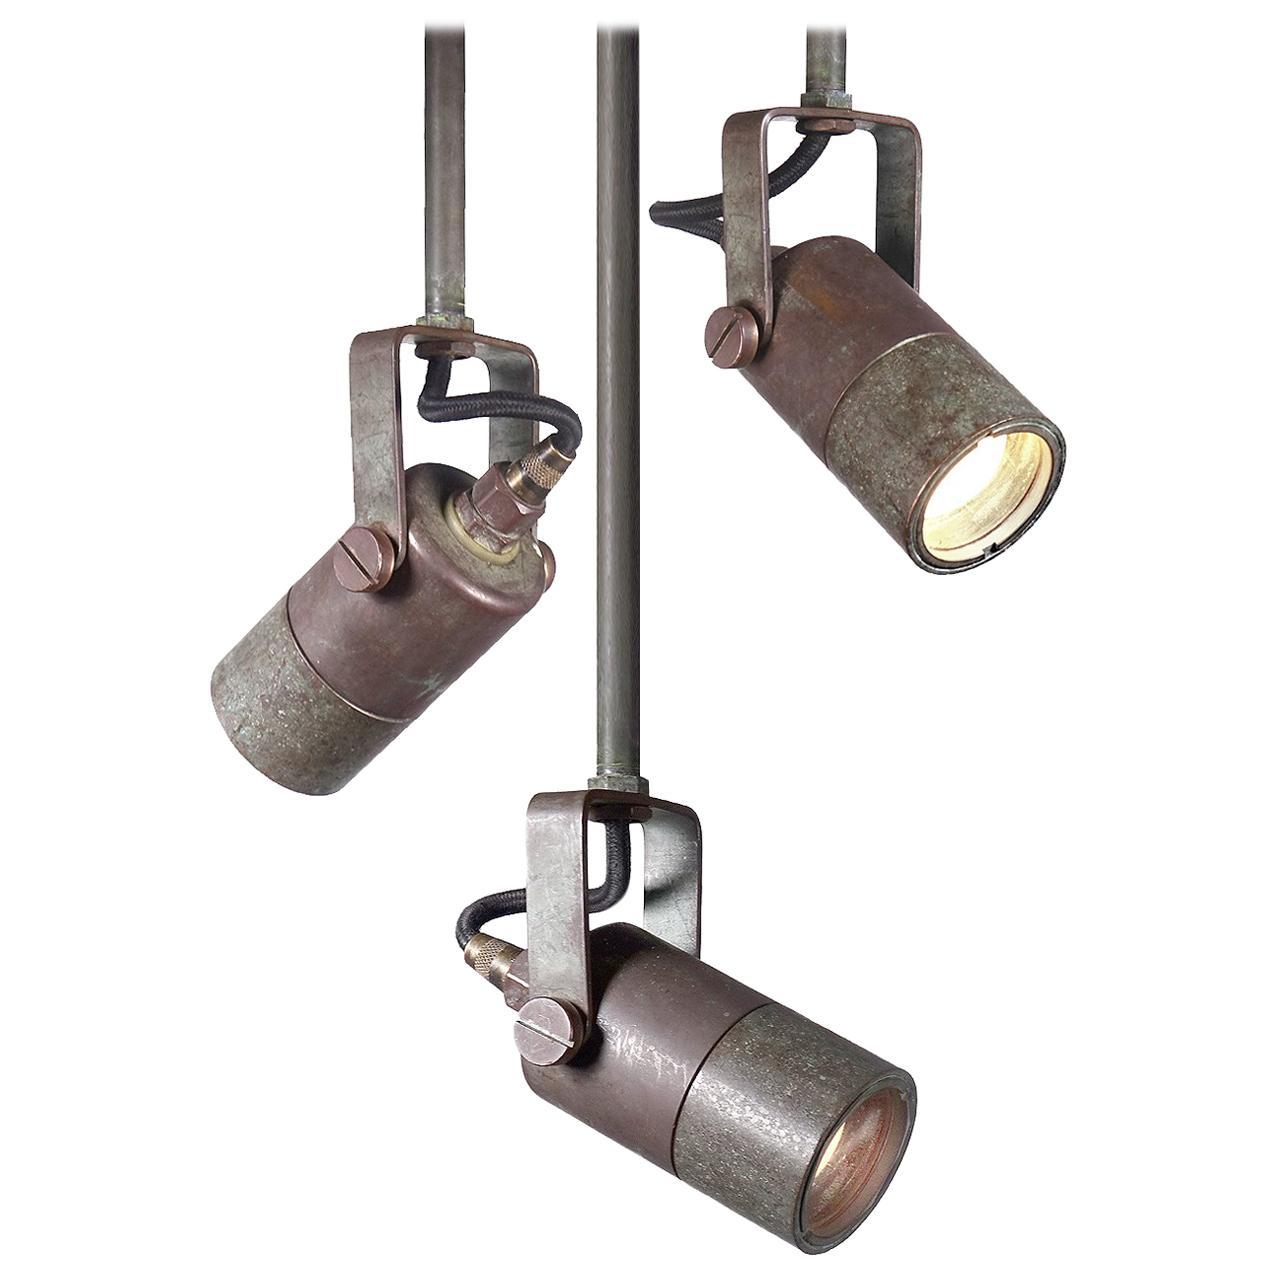 Small Heavy Brass Articulated Spot Lights